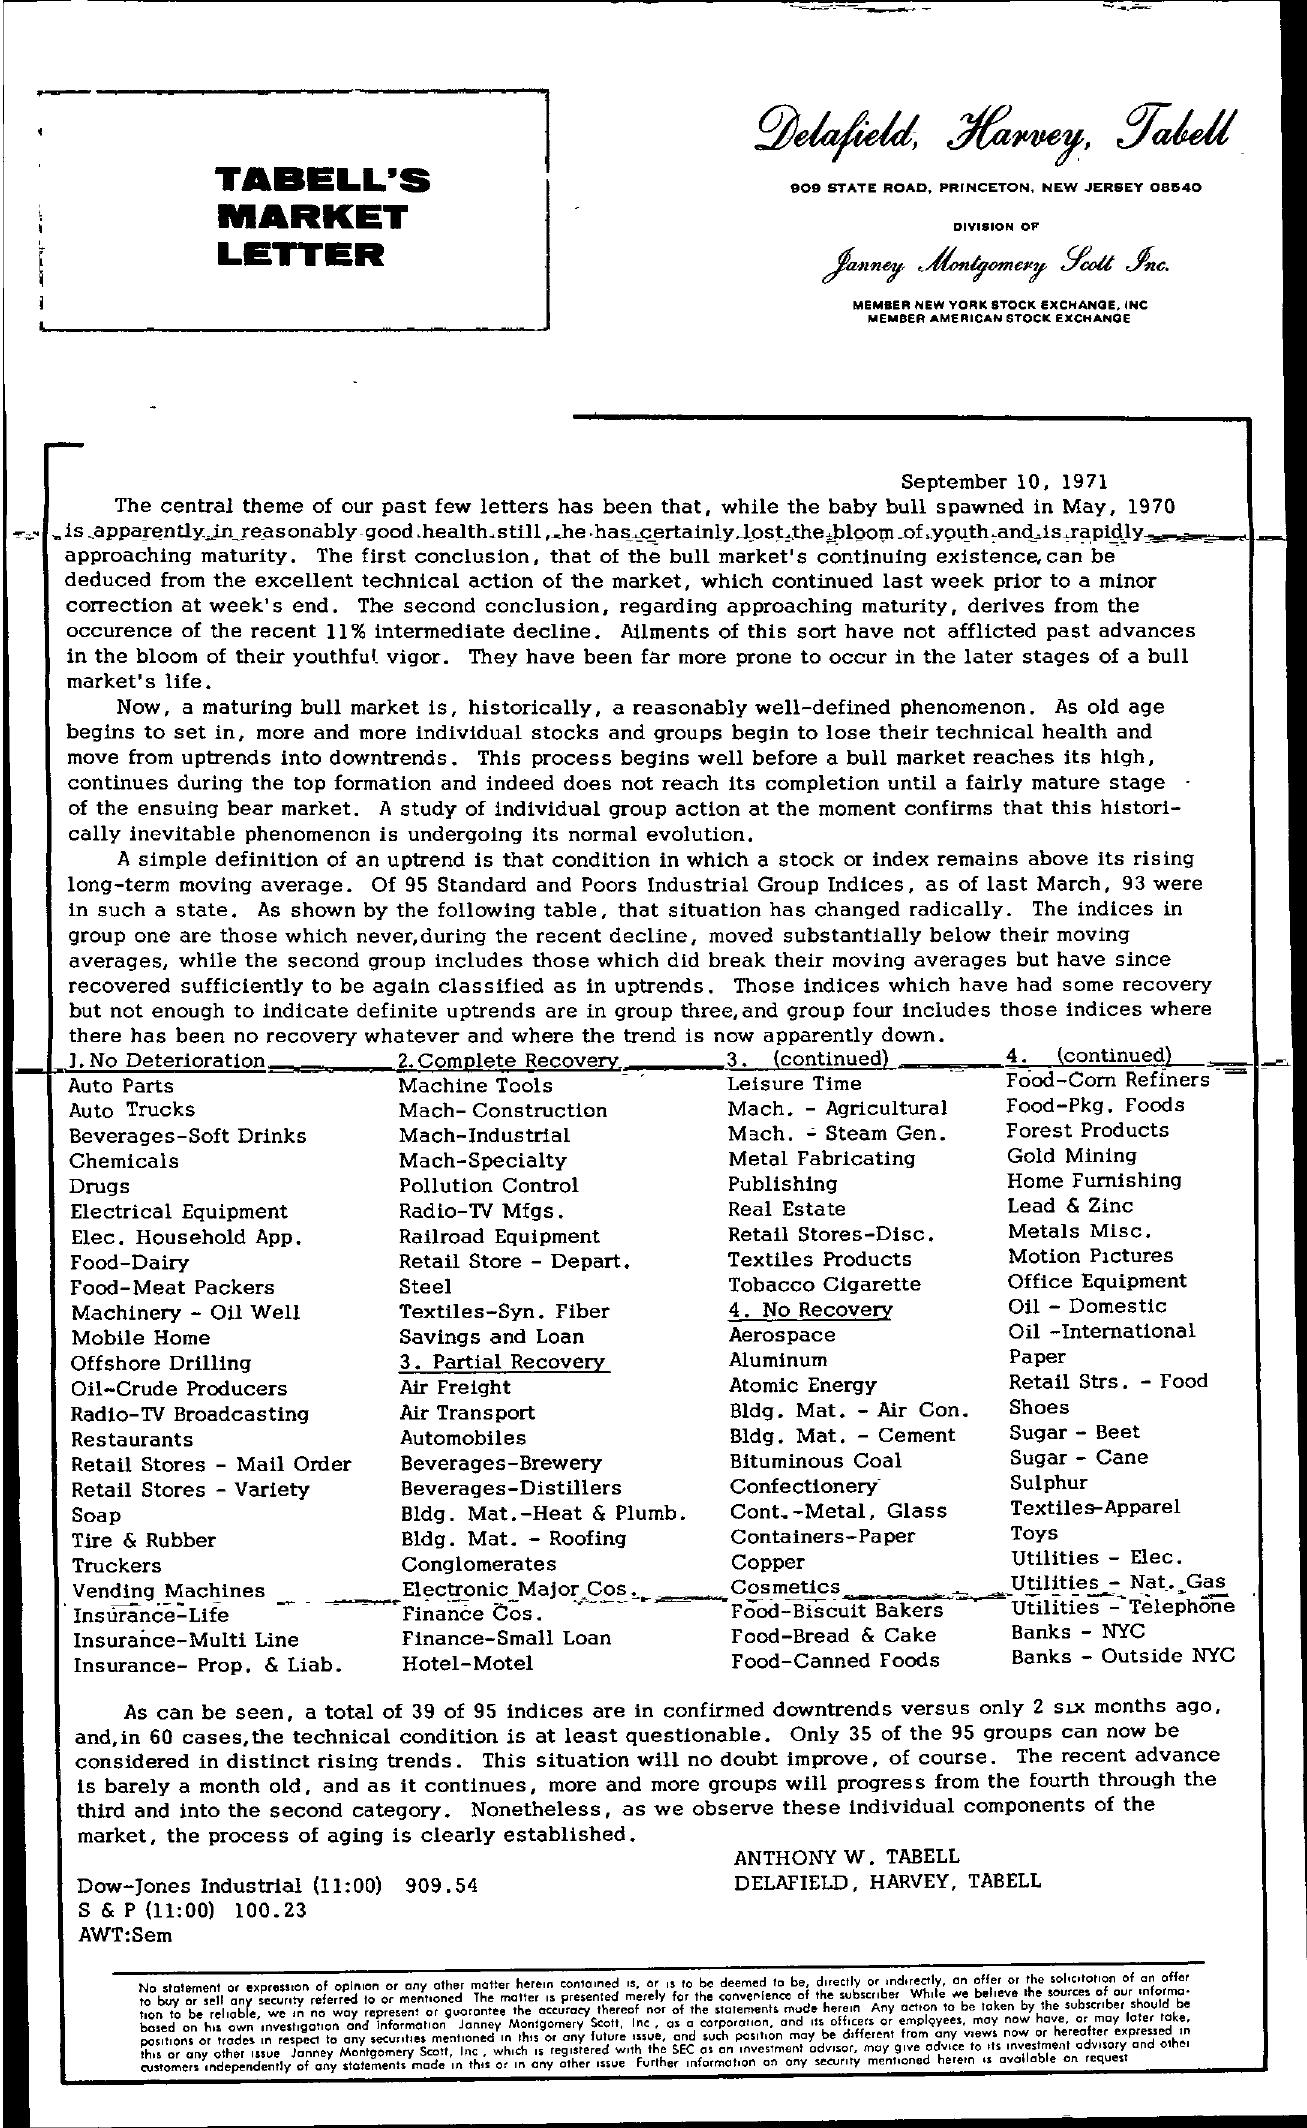 Tabell's Market Letter - September 10, 1971